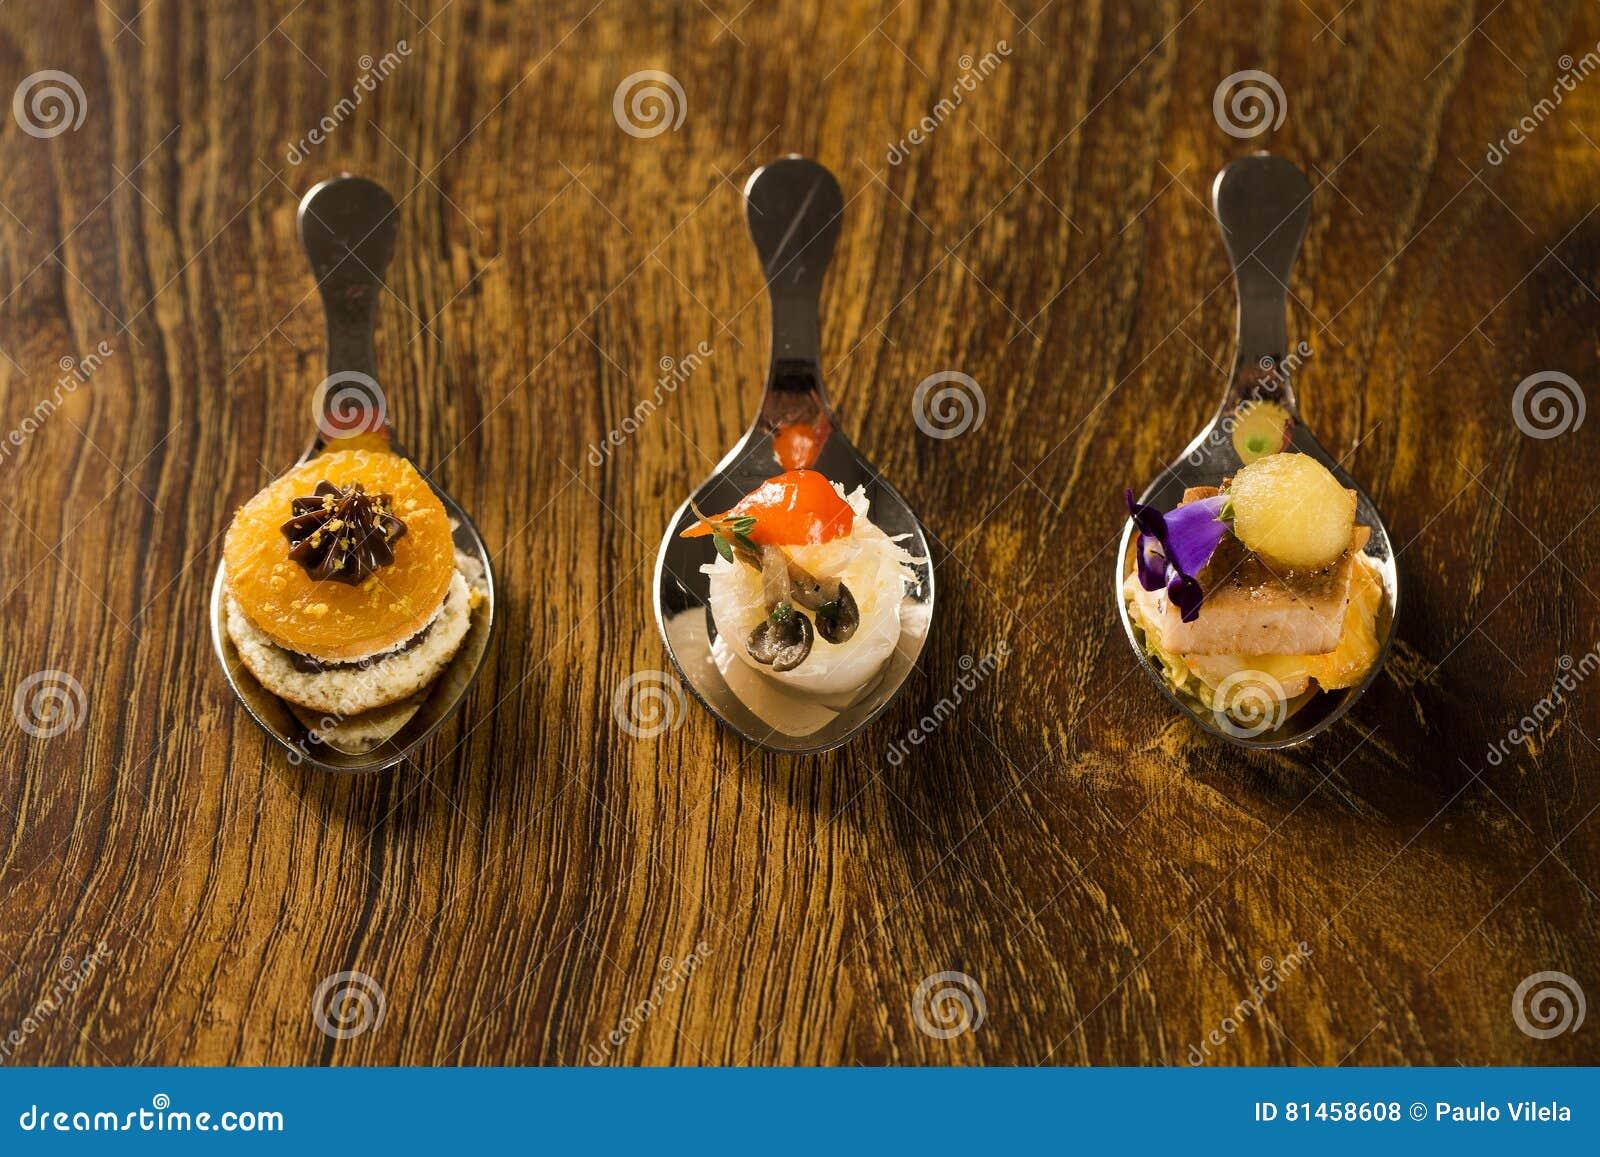 Wejście, danie główne i deser palcowy jedzenie w łyżce,